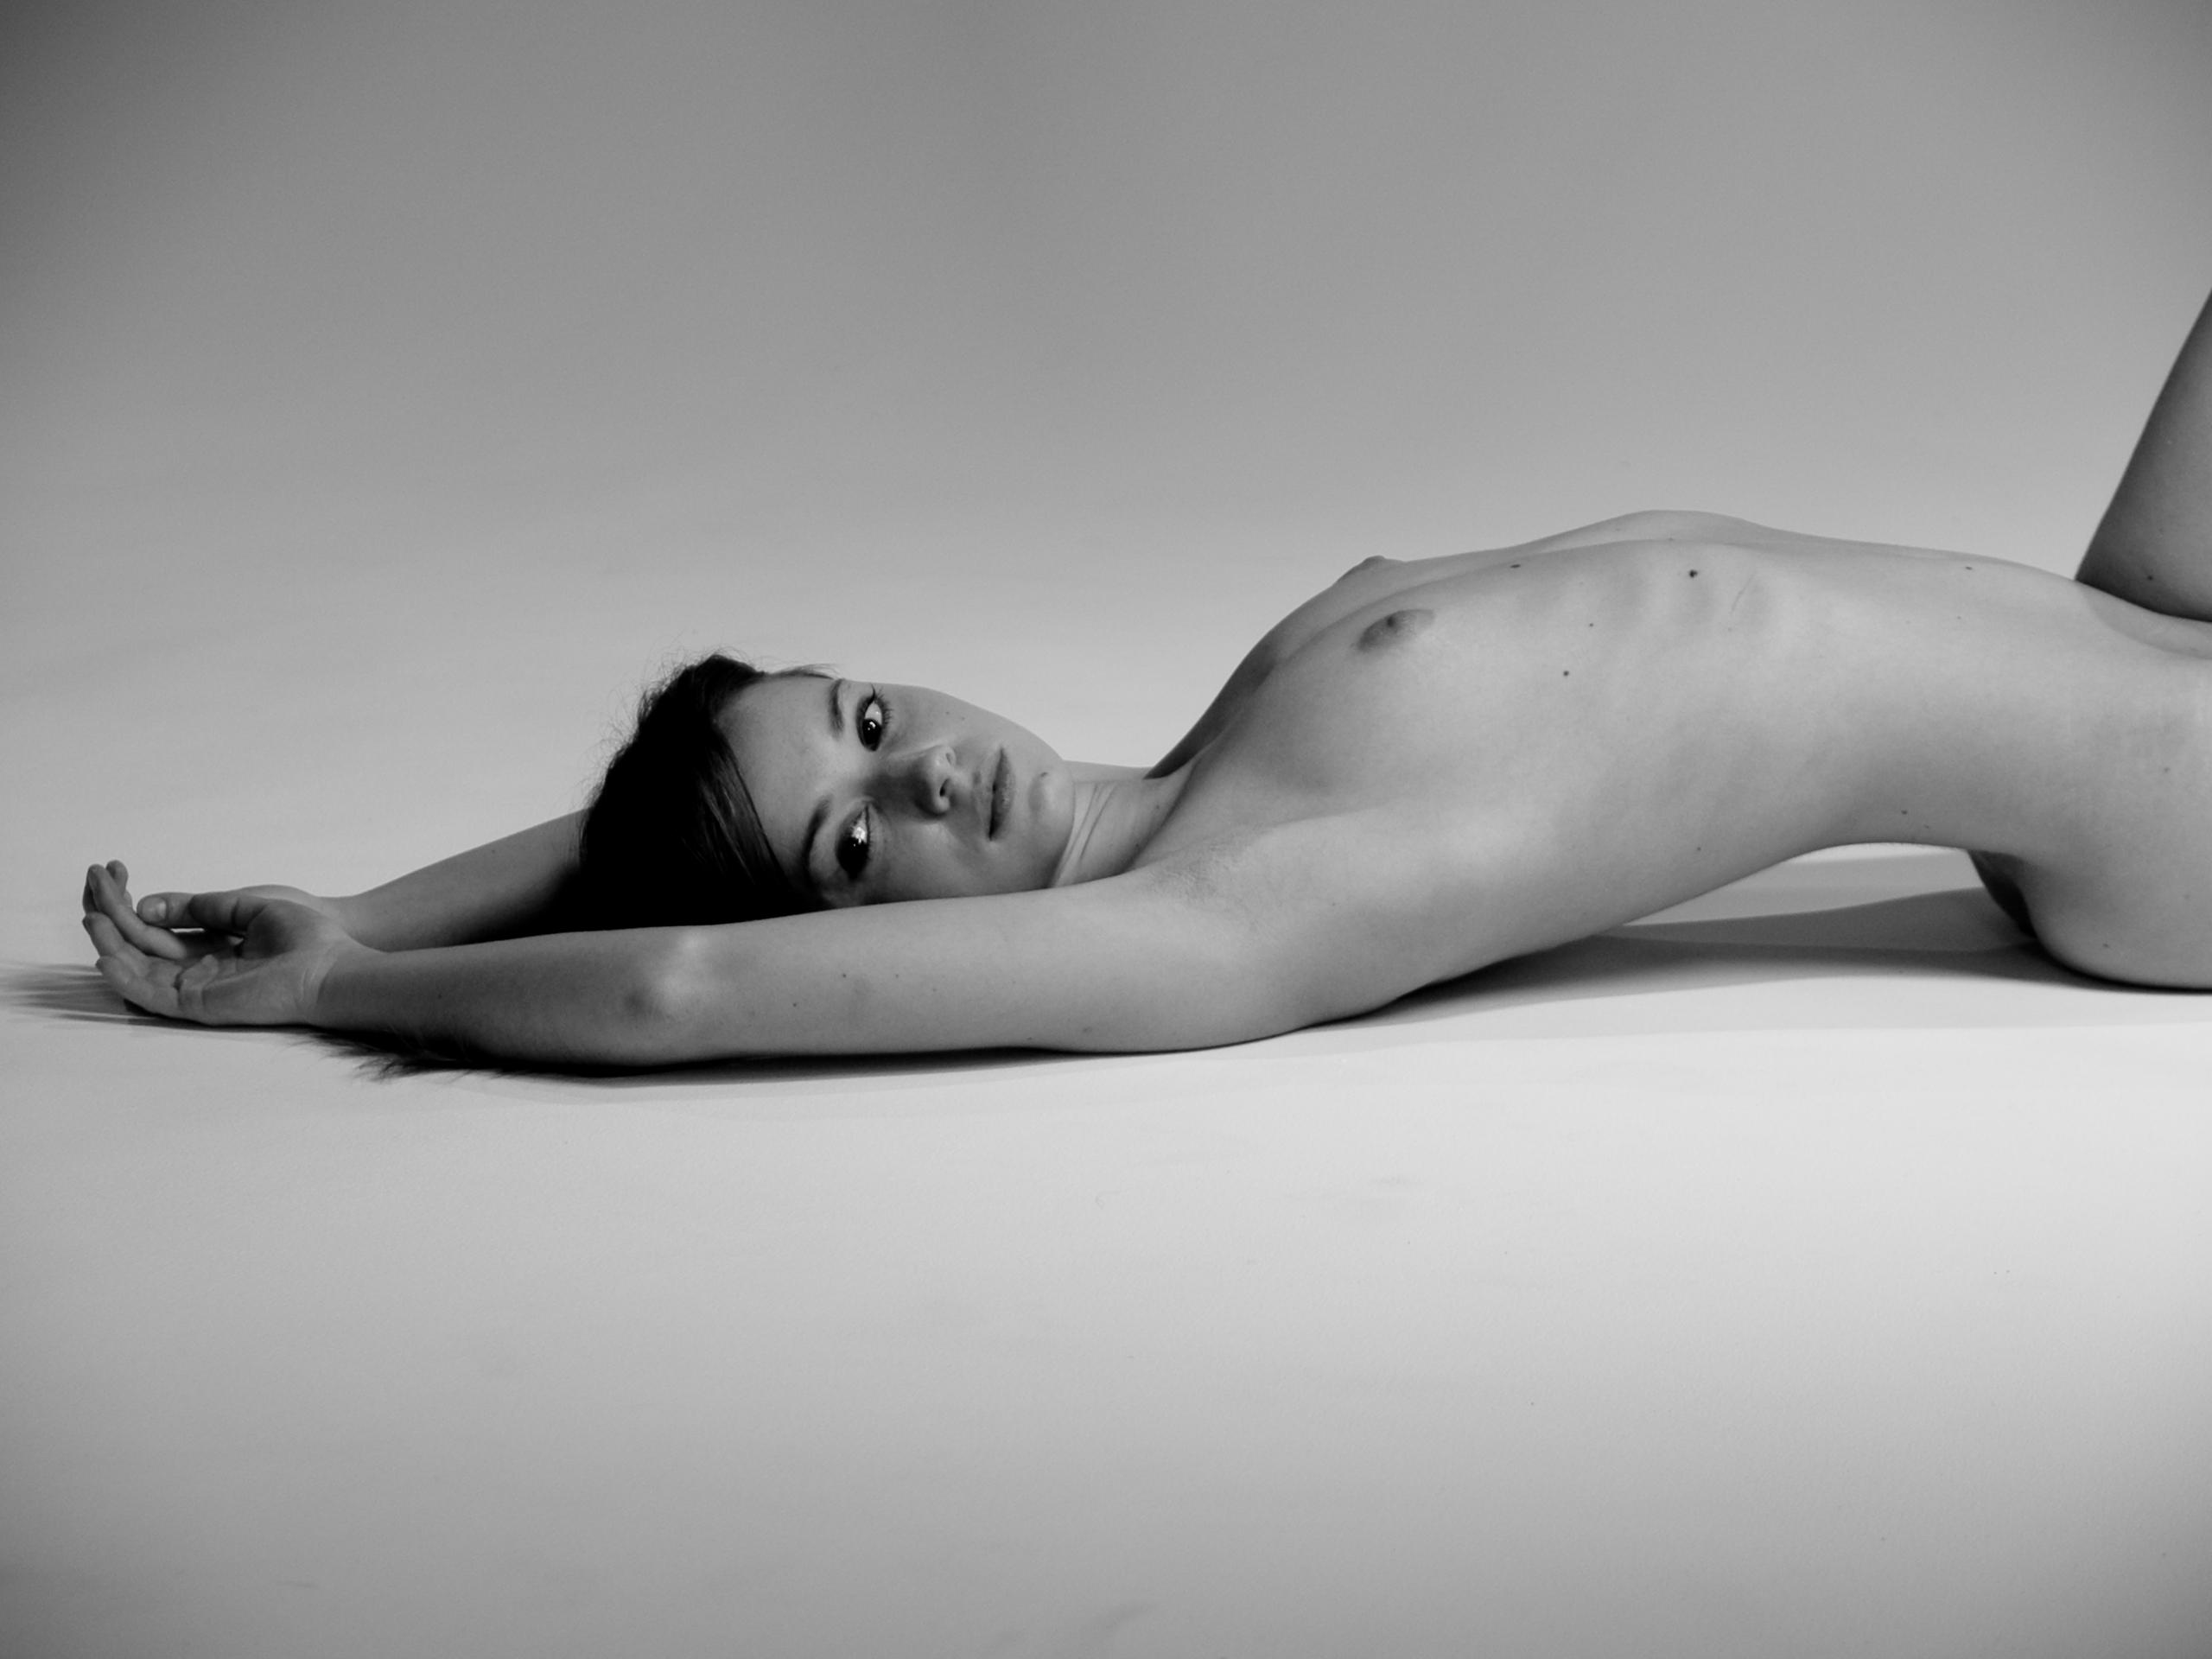 Ixtractor flkr nude